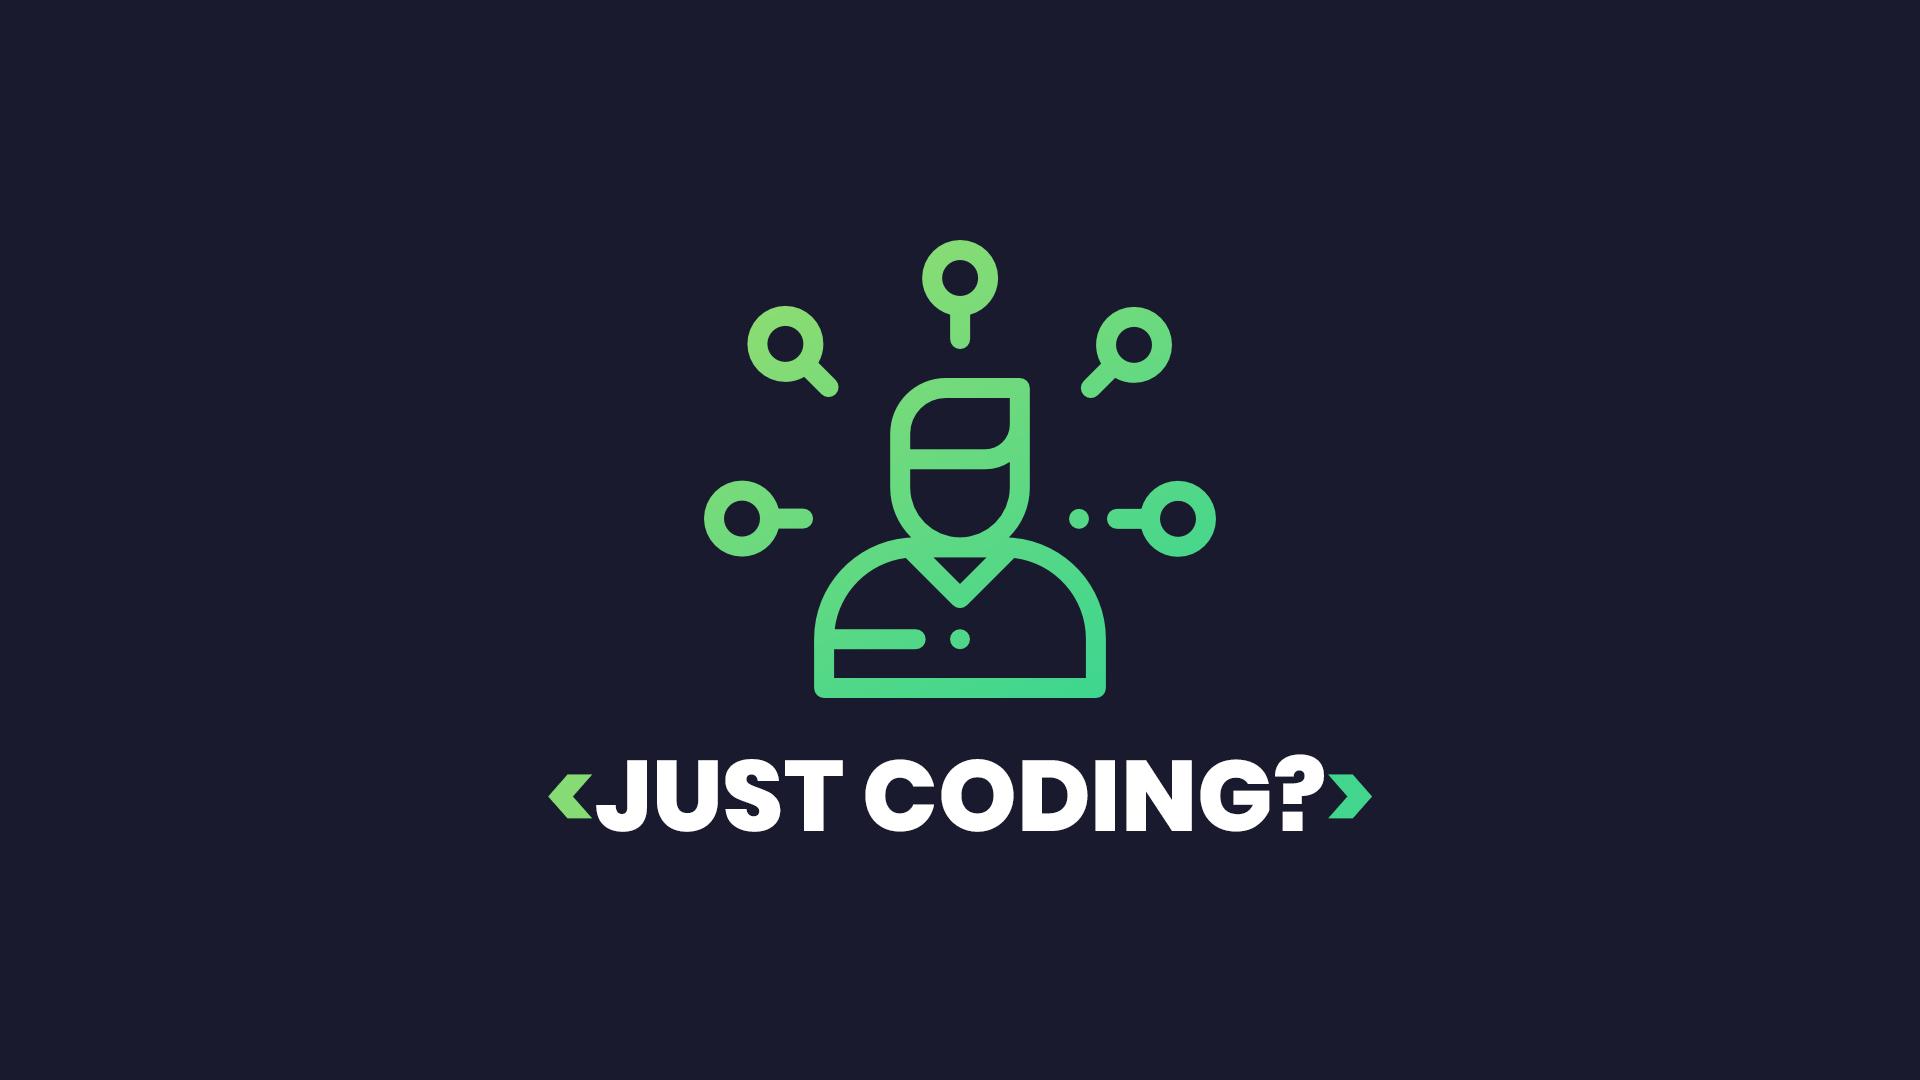 Là lập trình viên thì có nên chỉ viết code thôi không ?